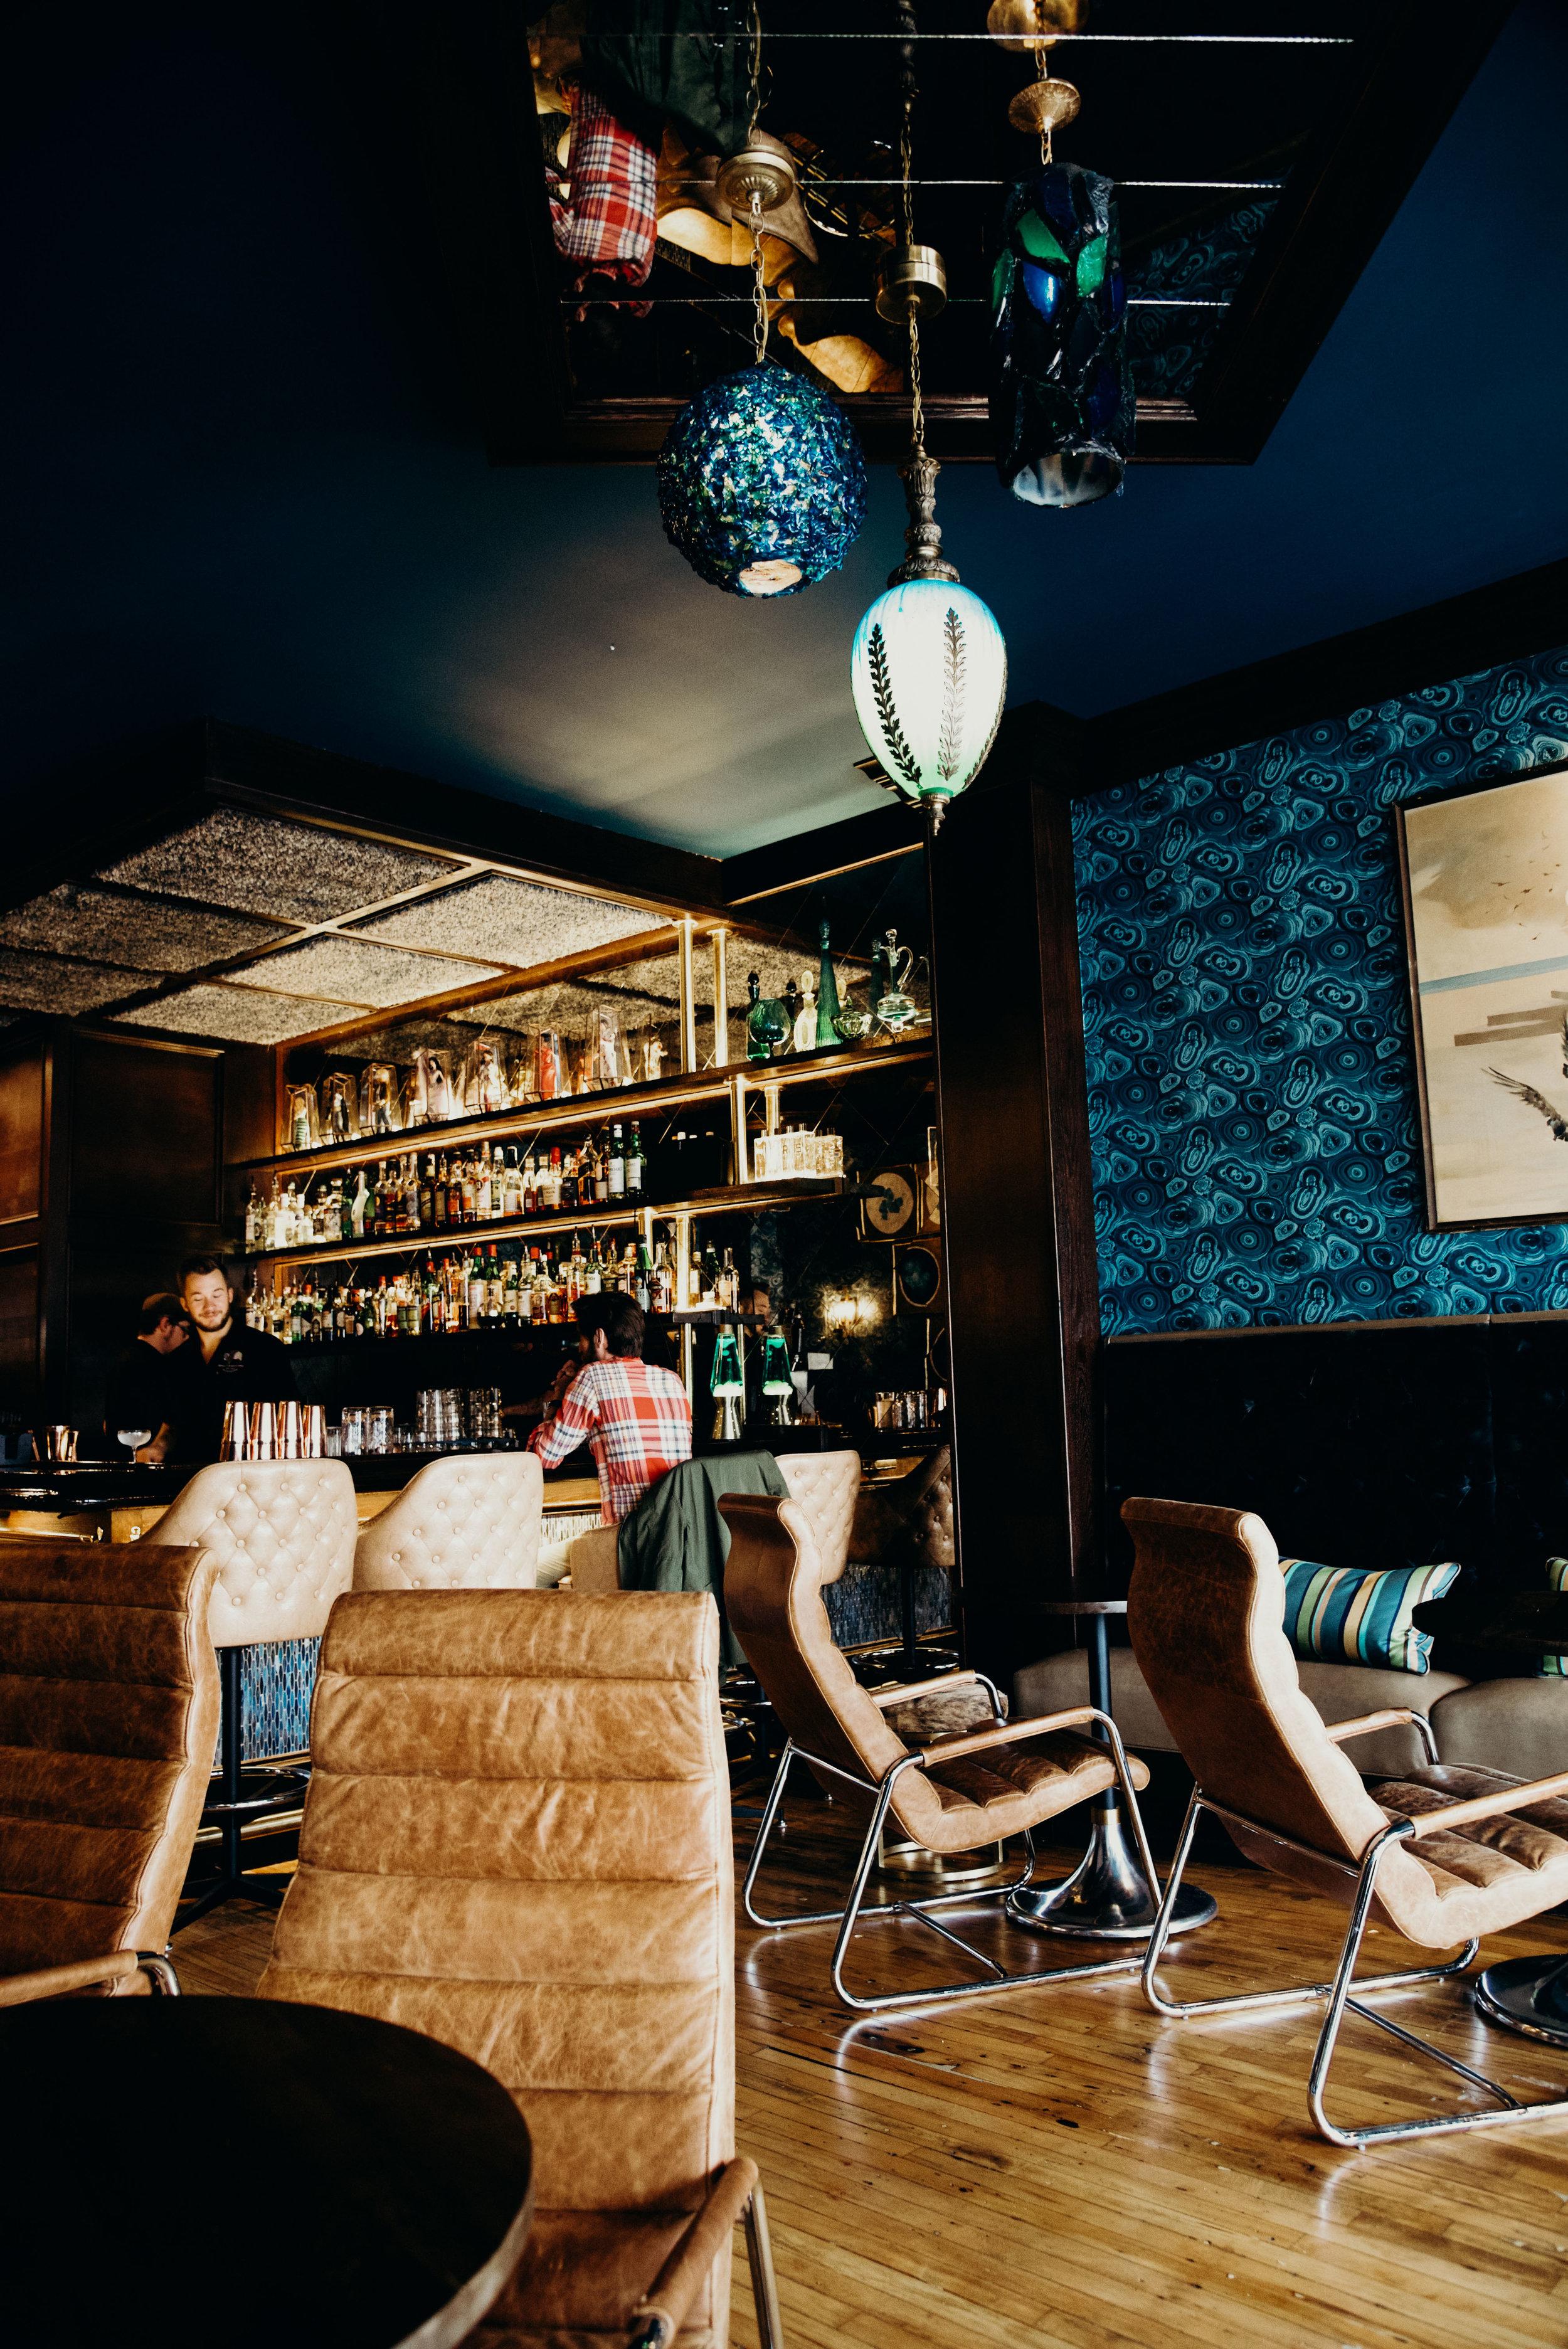 Wendling_Boyd_Buffalo_Traders_Cocktail_Bar-4 copy.jpg